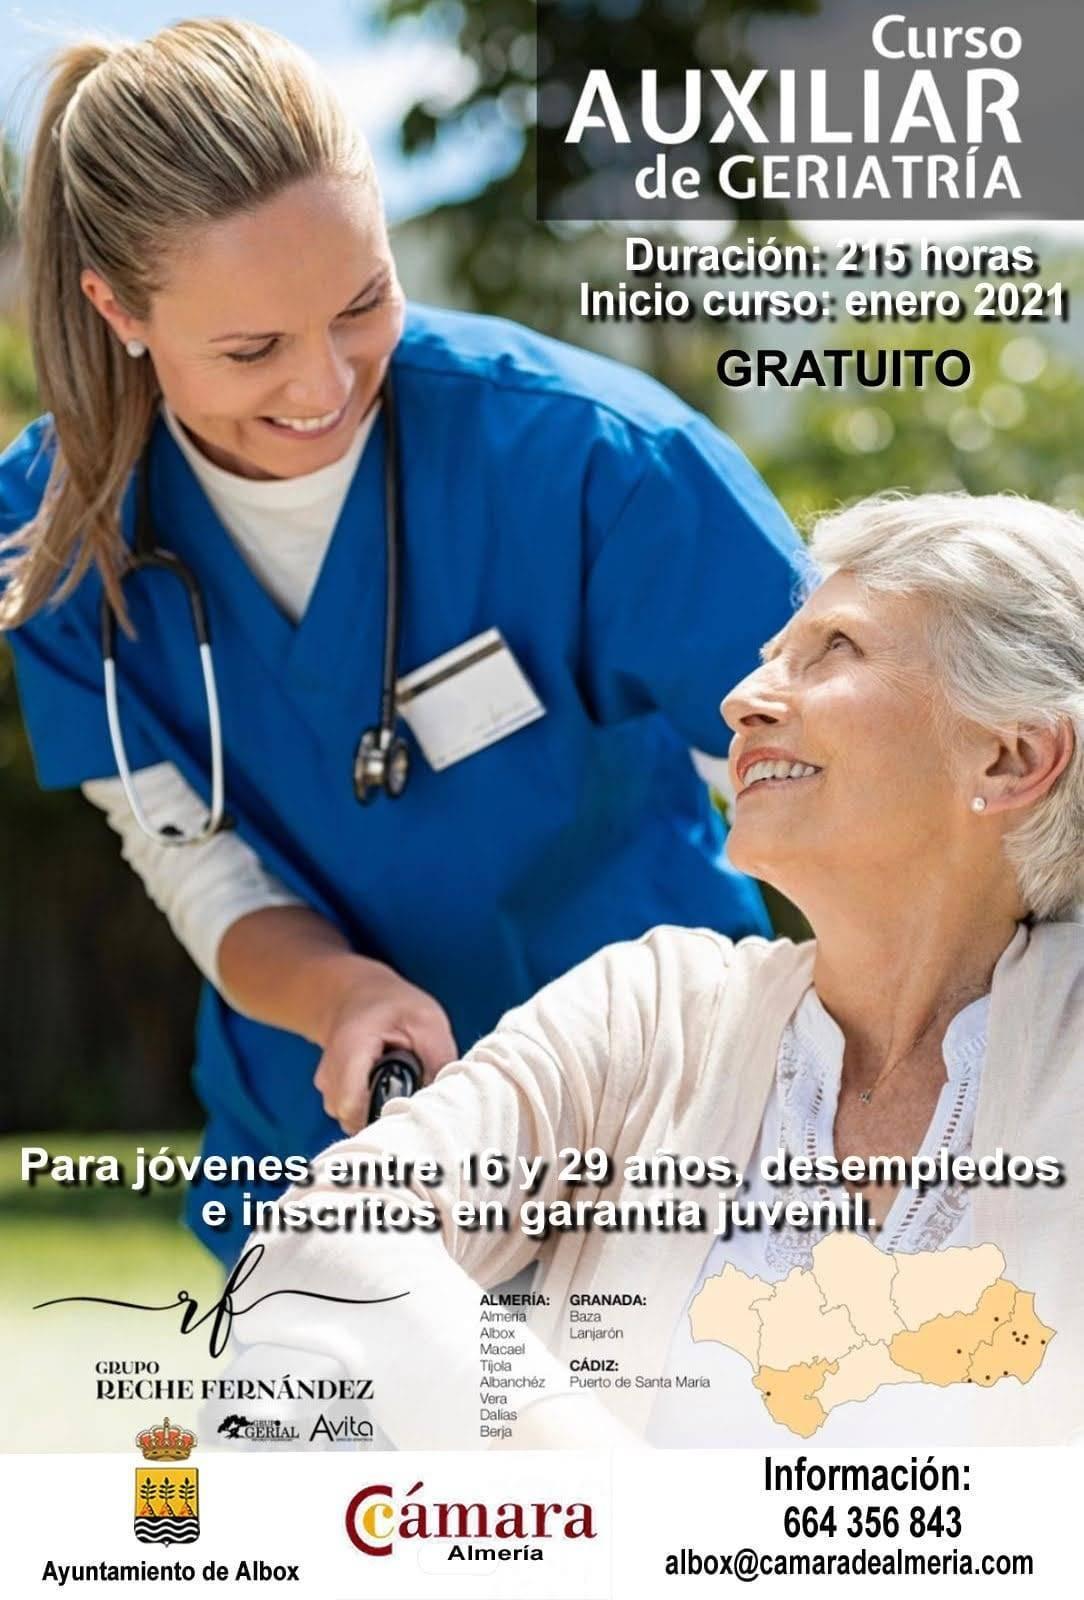 Curso de auxiliar de geriatría (2021) - Albox (Almería)